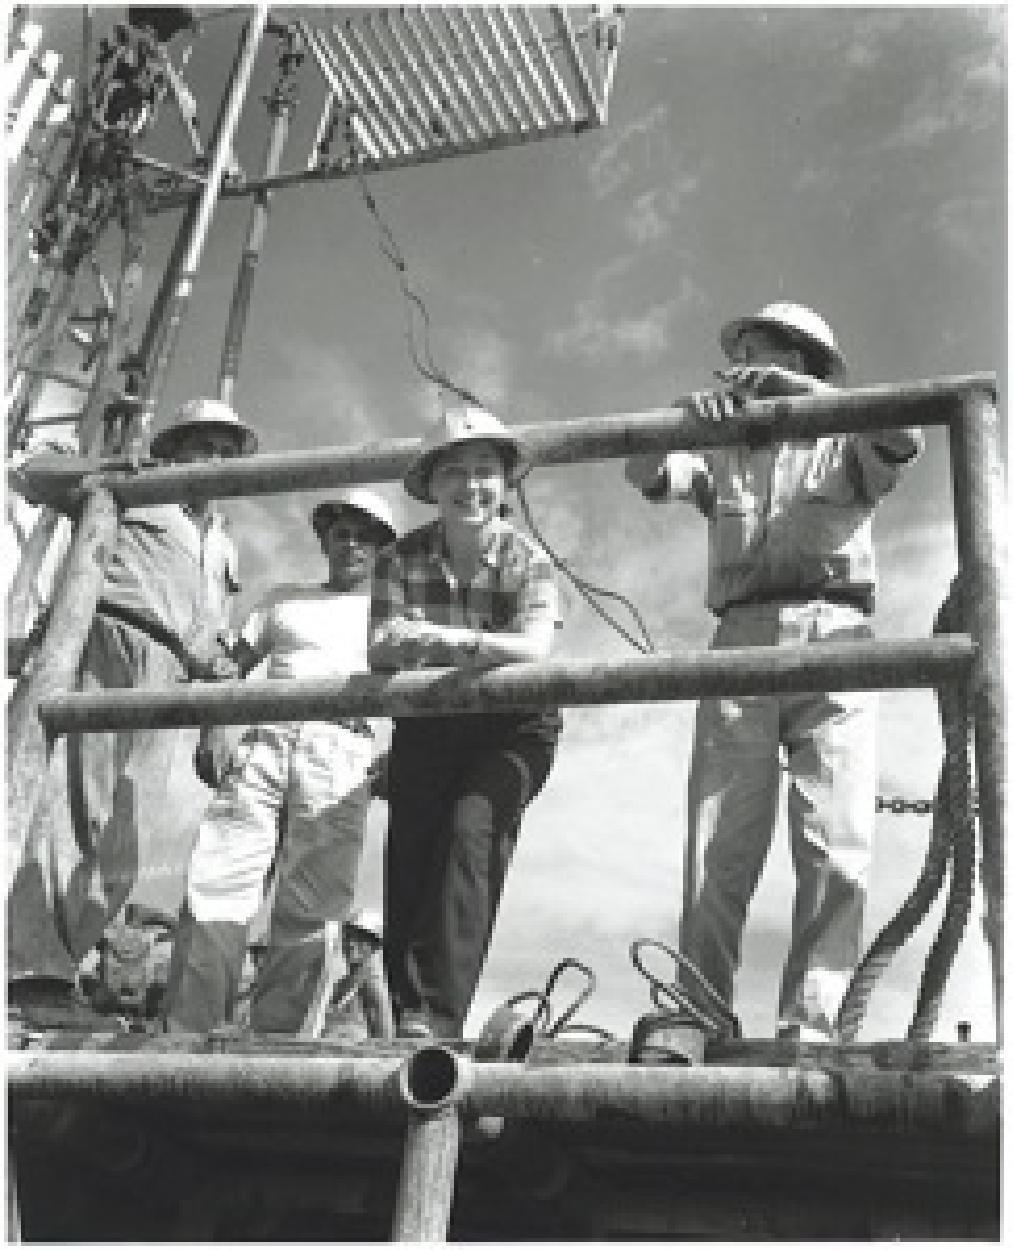 On Oil Rig, Maracaibo, Venezuela  1947